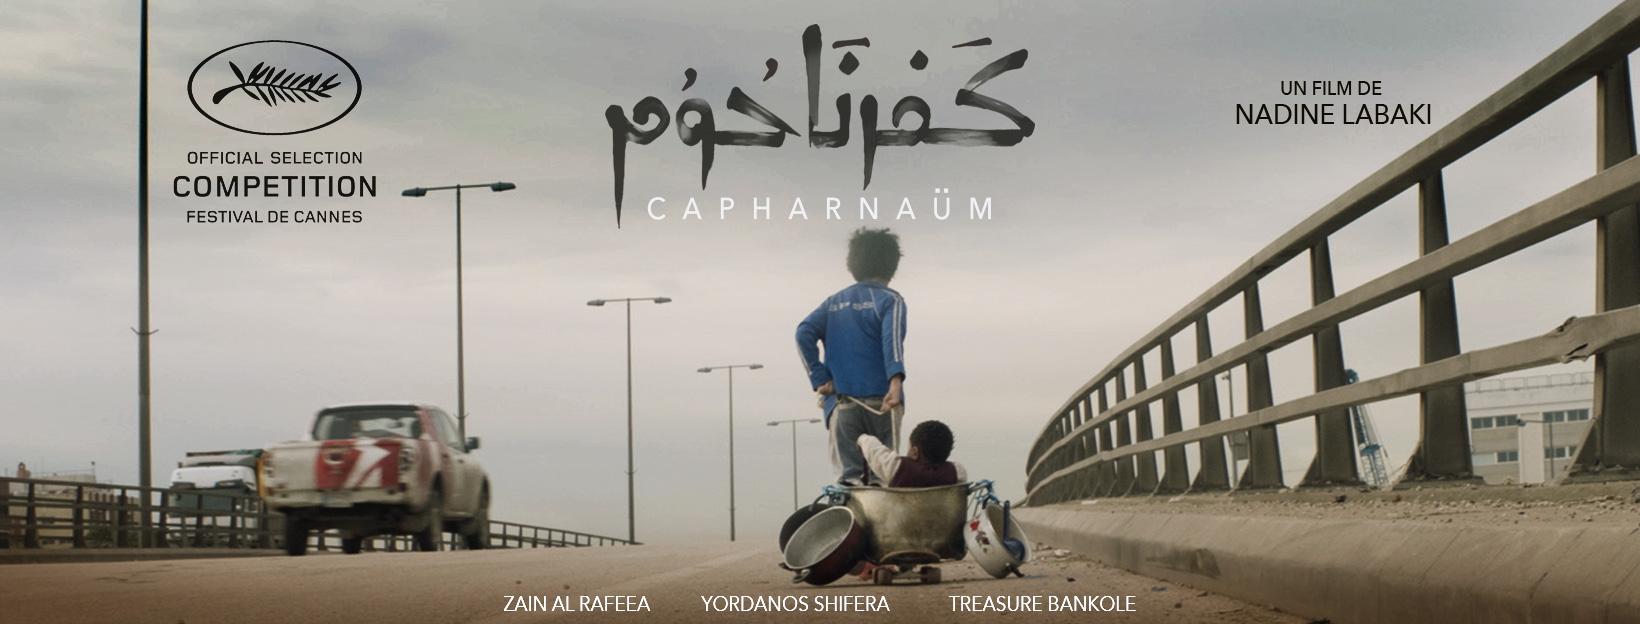 Capharnaüm (Ciné-Club)